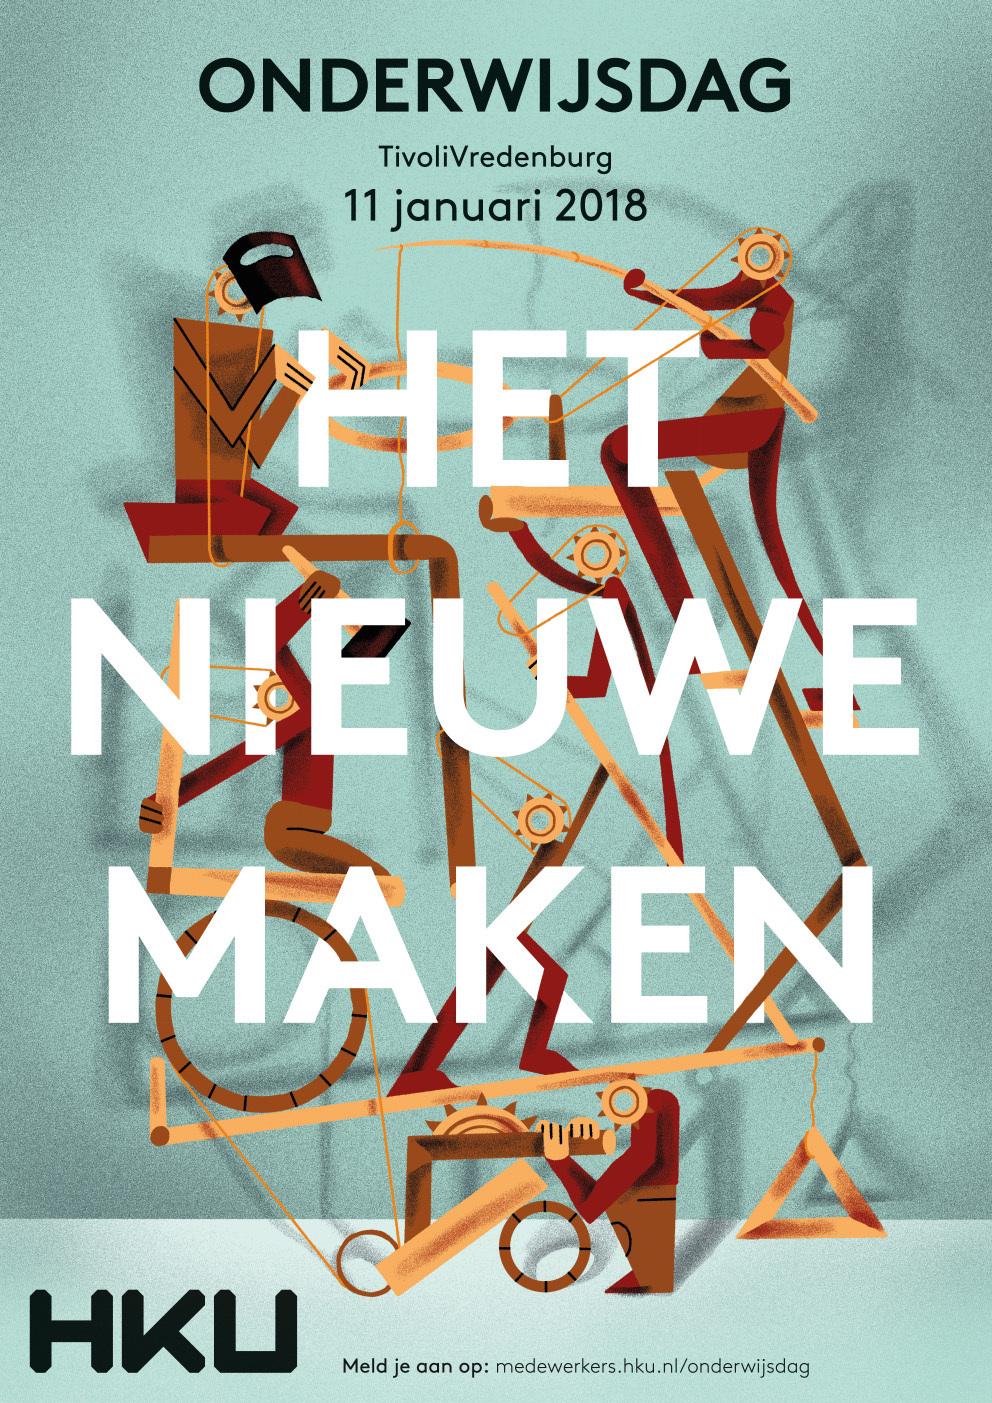 kijk magazine nl